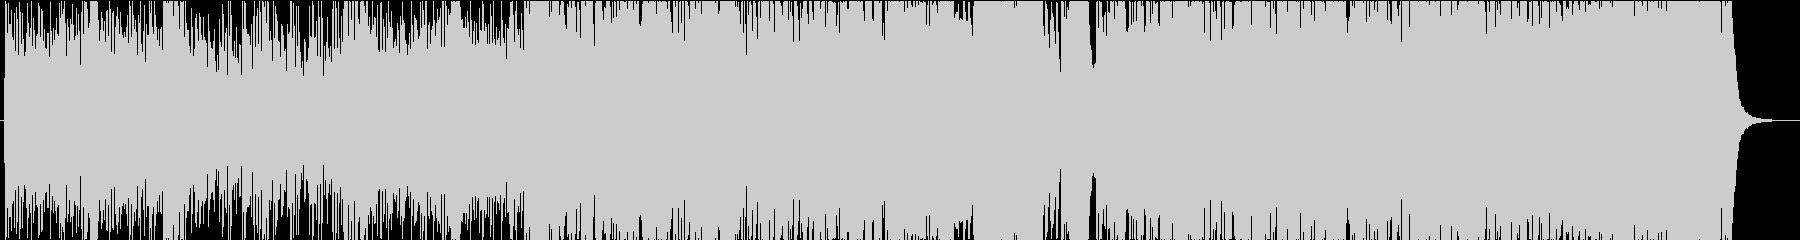 ジングルベルのオーケストラアレンジ版4の未再生の波形